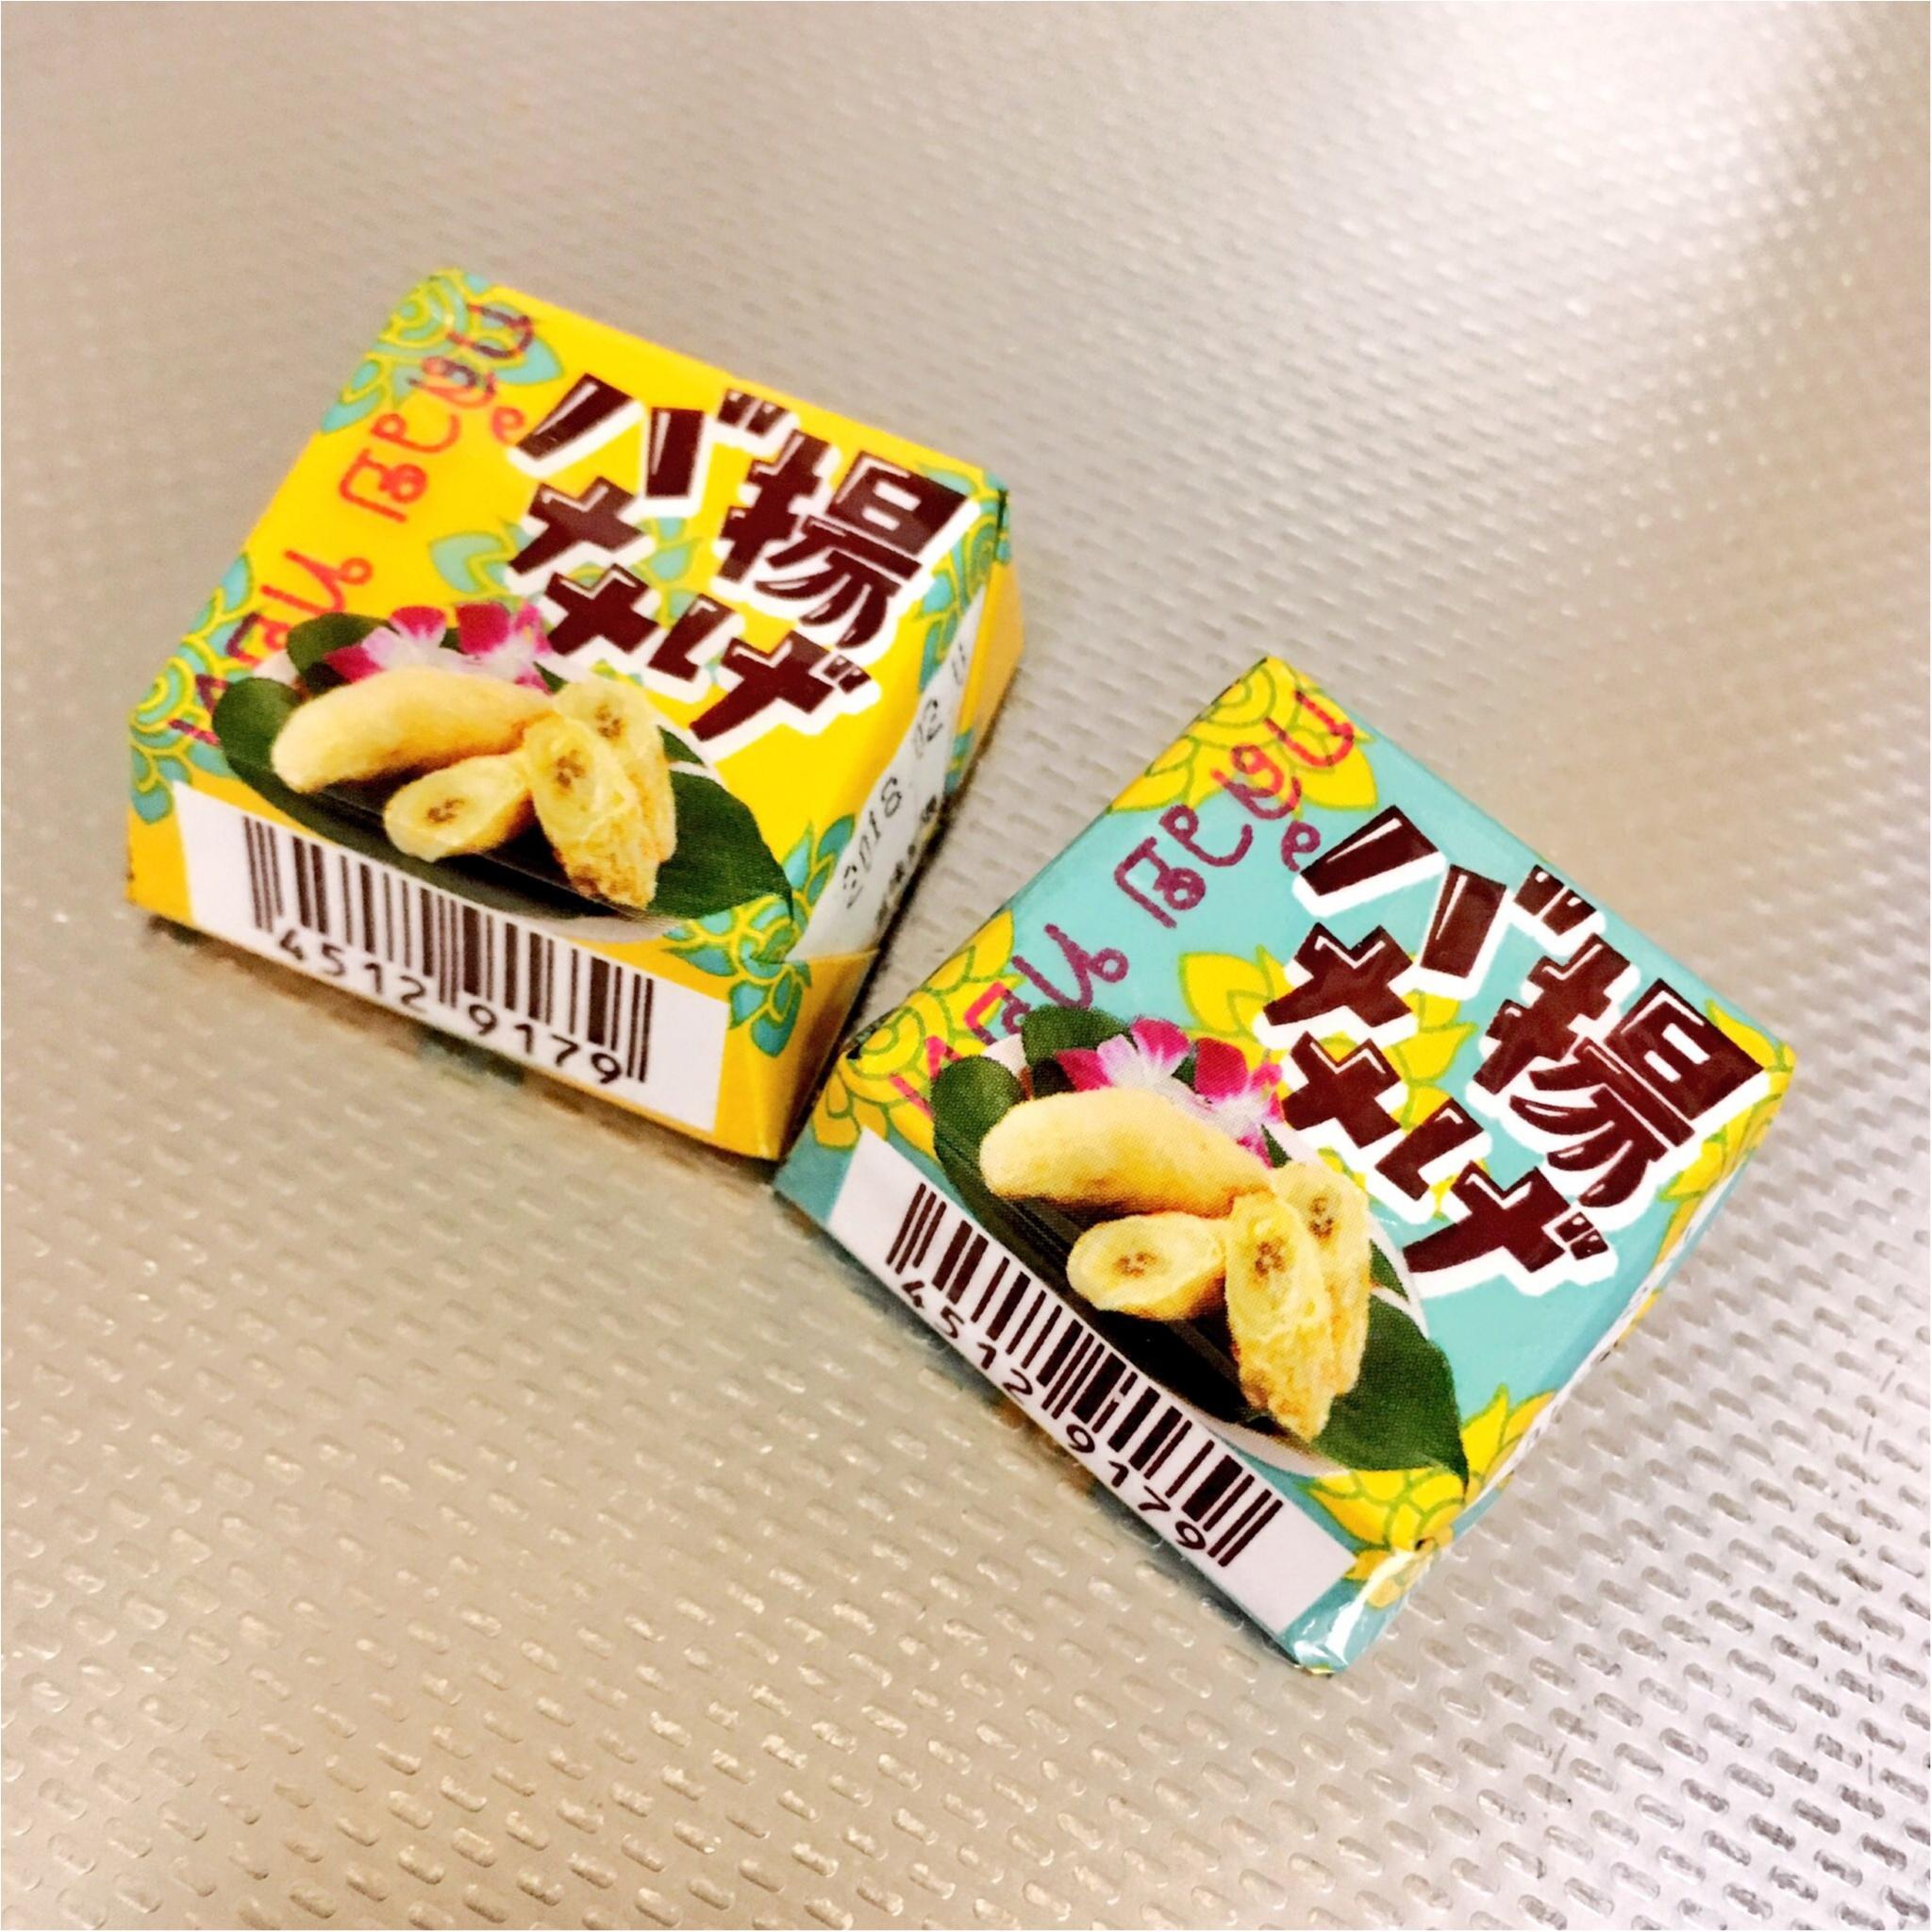 《揚げバナナ》なチロルチョコ!?♡_1